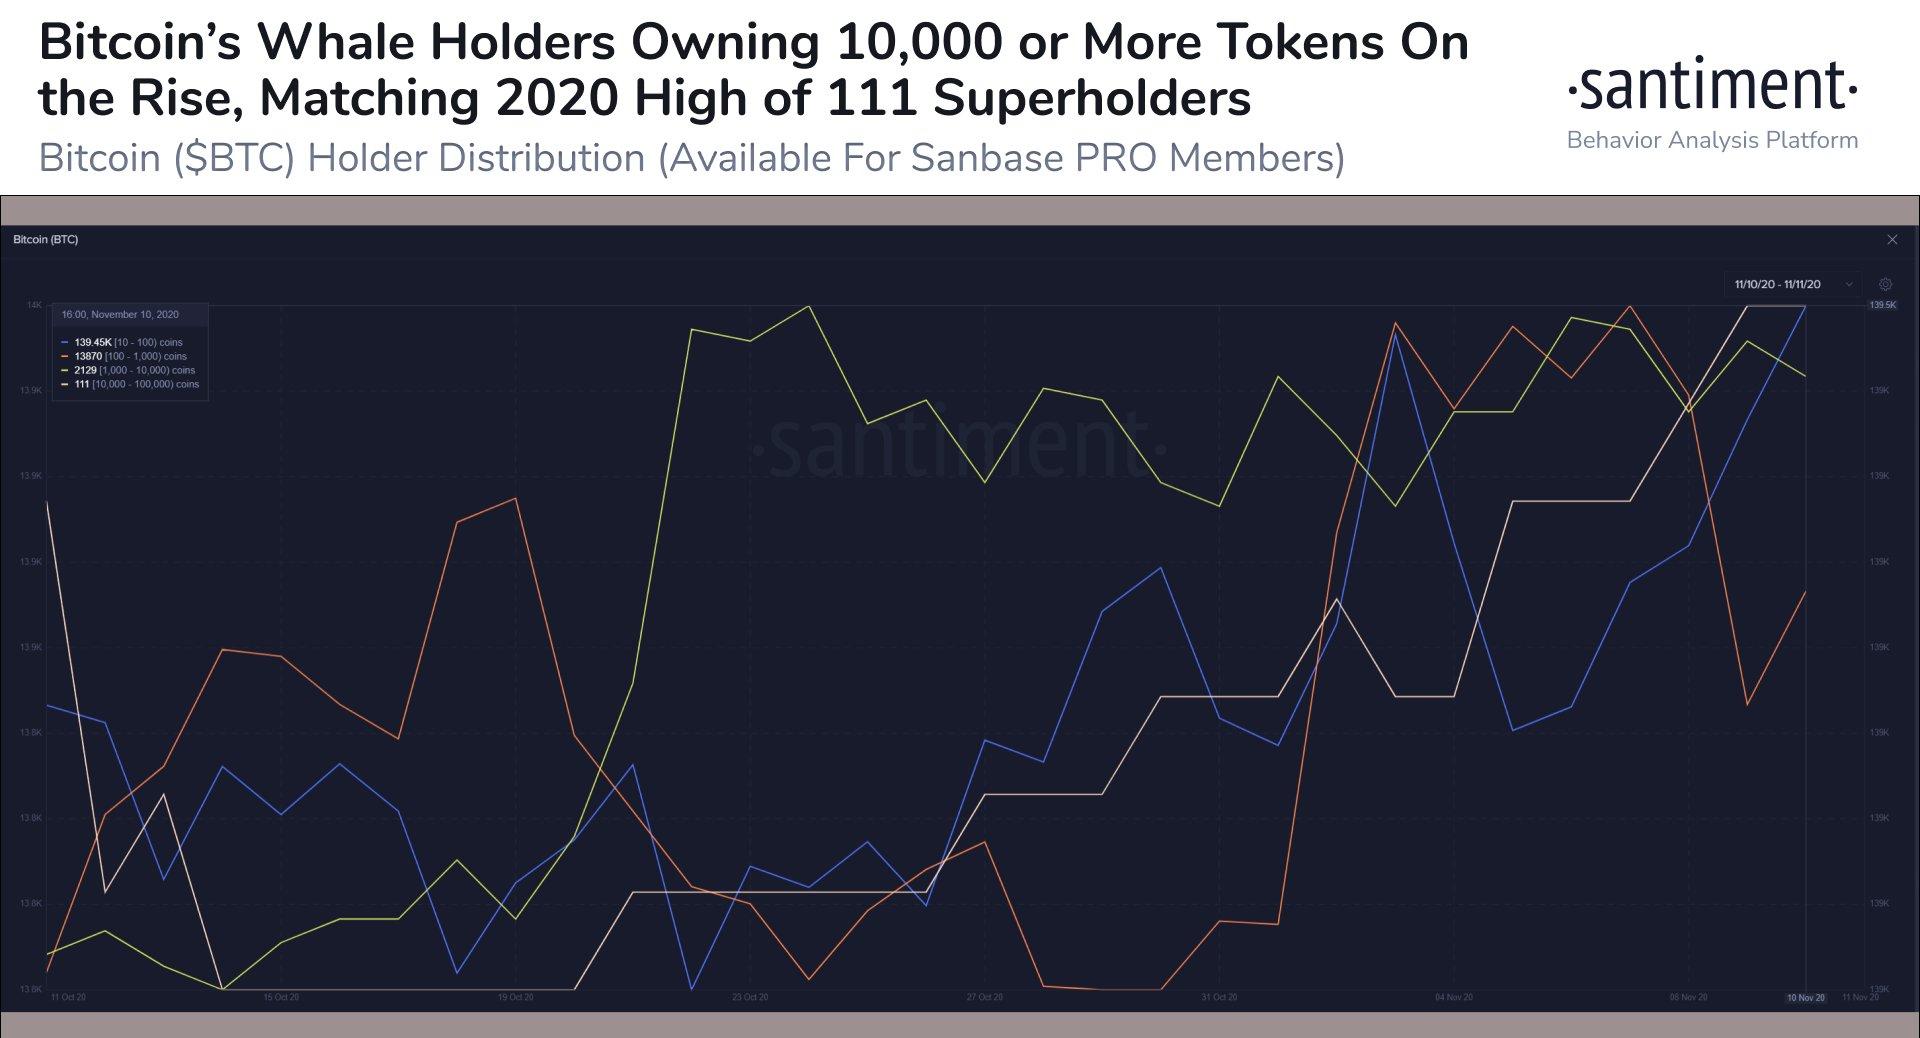 Il numero di partecipanti in Bitcoin considerati whale